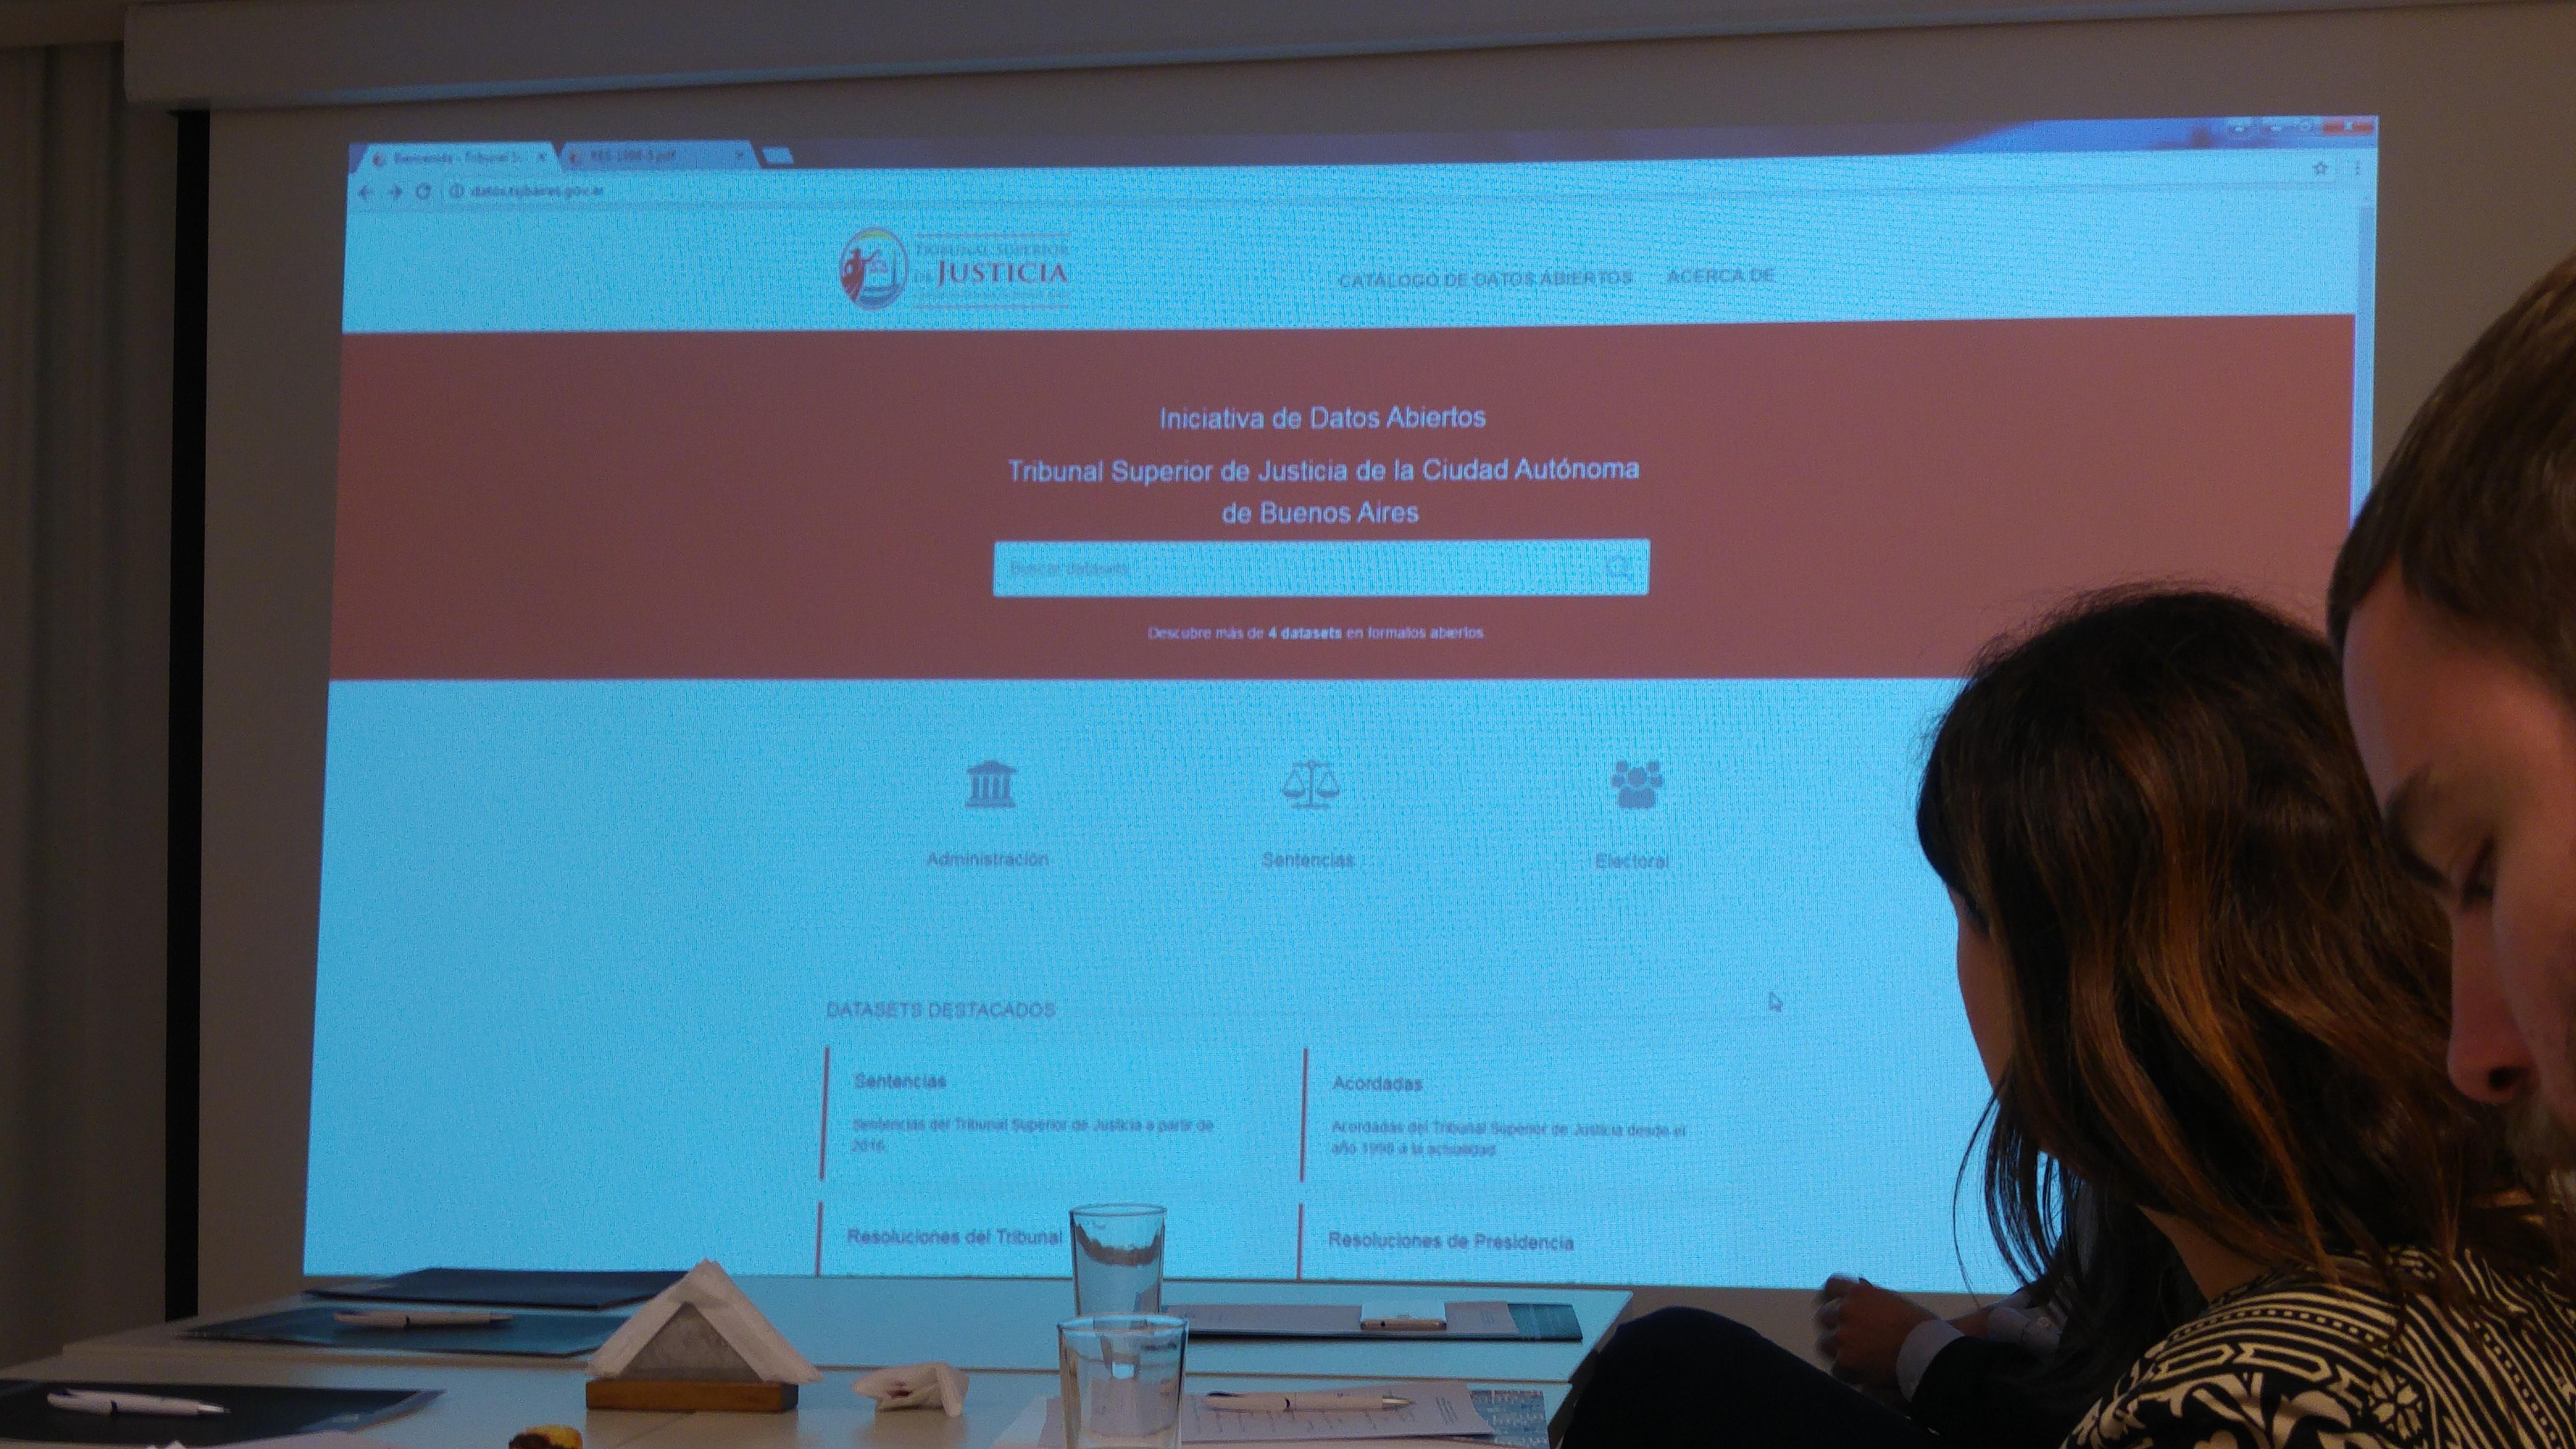 Lanzamiento Portal de Datos Abiertos del Tribunal Superior de Justicia.